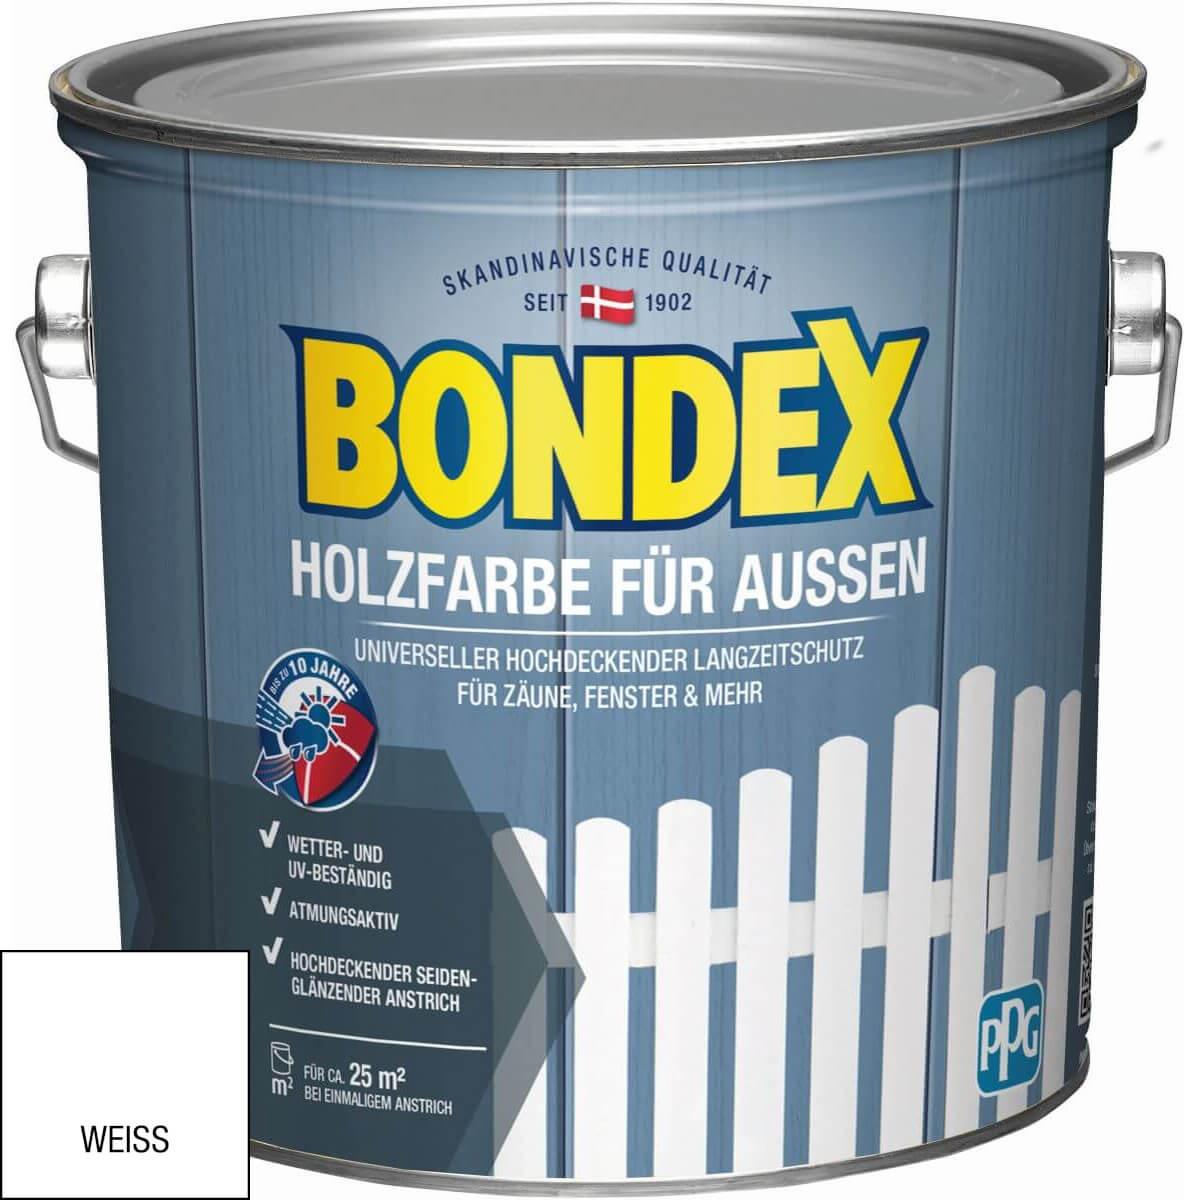 BONDEX 2.5 L Holzfarbe für Außen   Weiß, Schwedenrot, Lichtgrau   Gratis Flächenstreicher mit Rabattcode